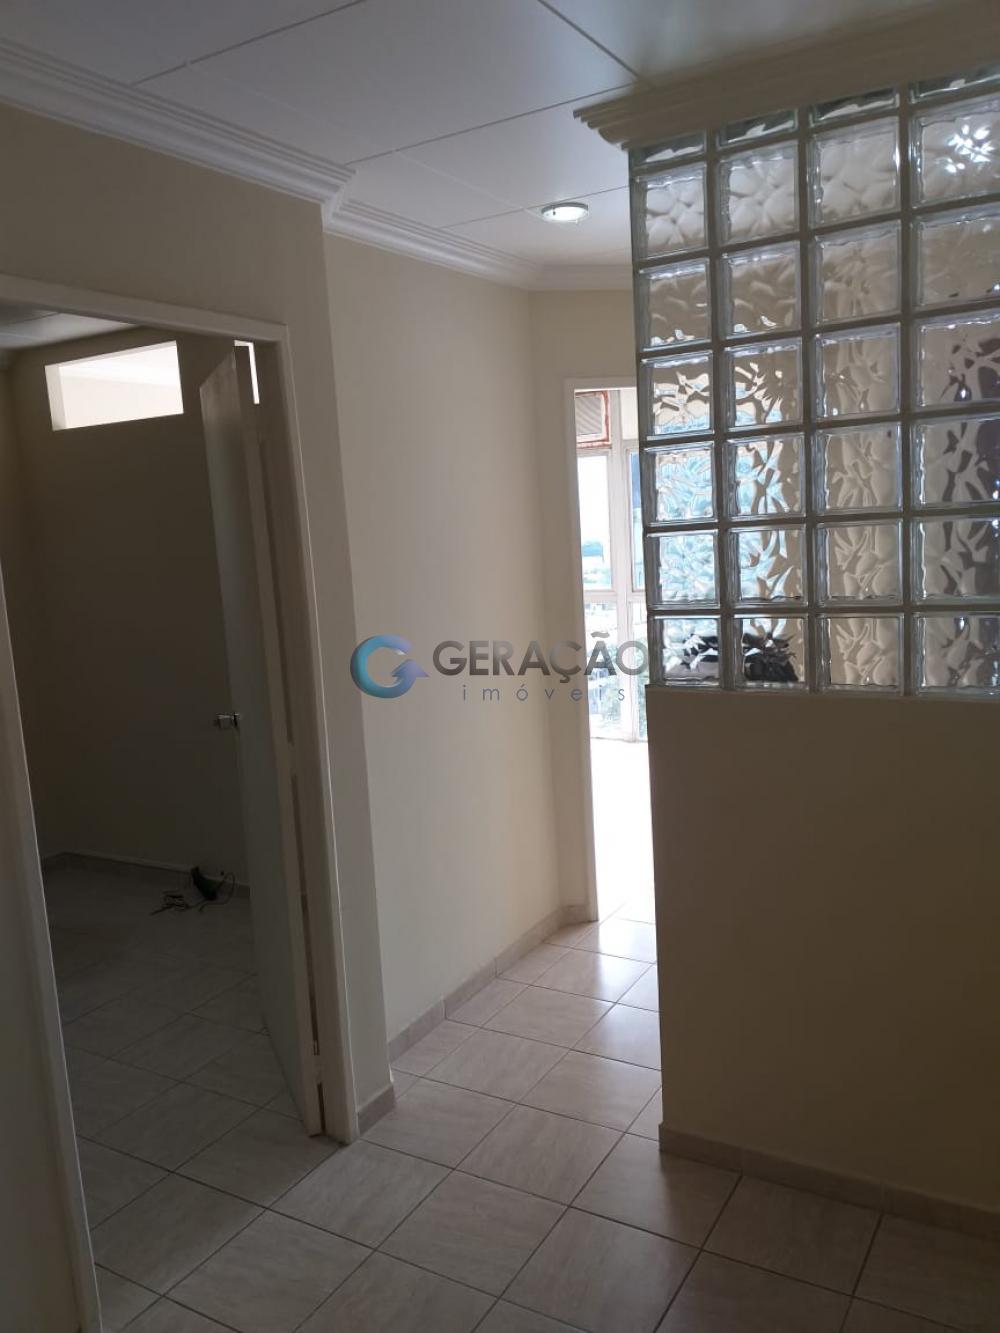 Comprar Comercial / Sala em Condomínio em São José dos Campos apenas R$ 140.000,00 - Foto 2